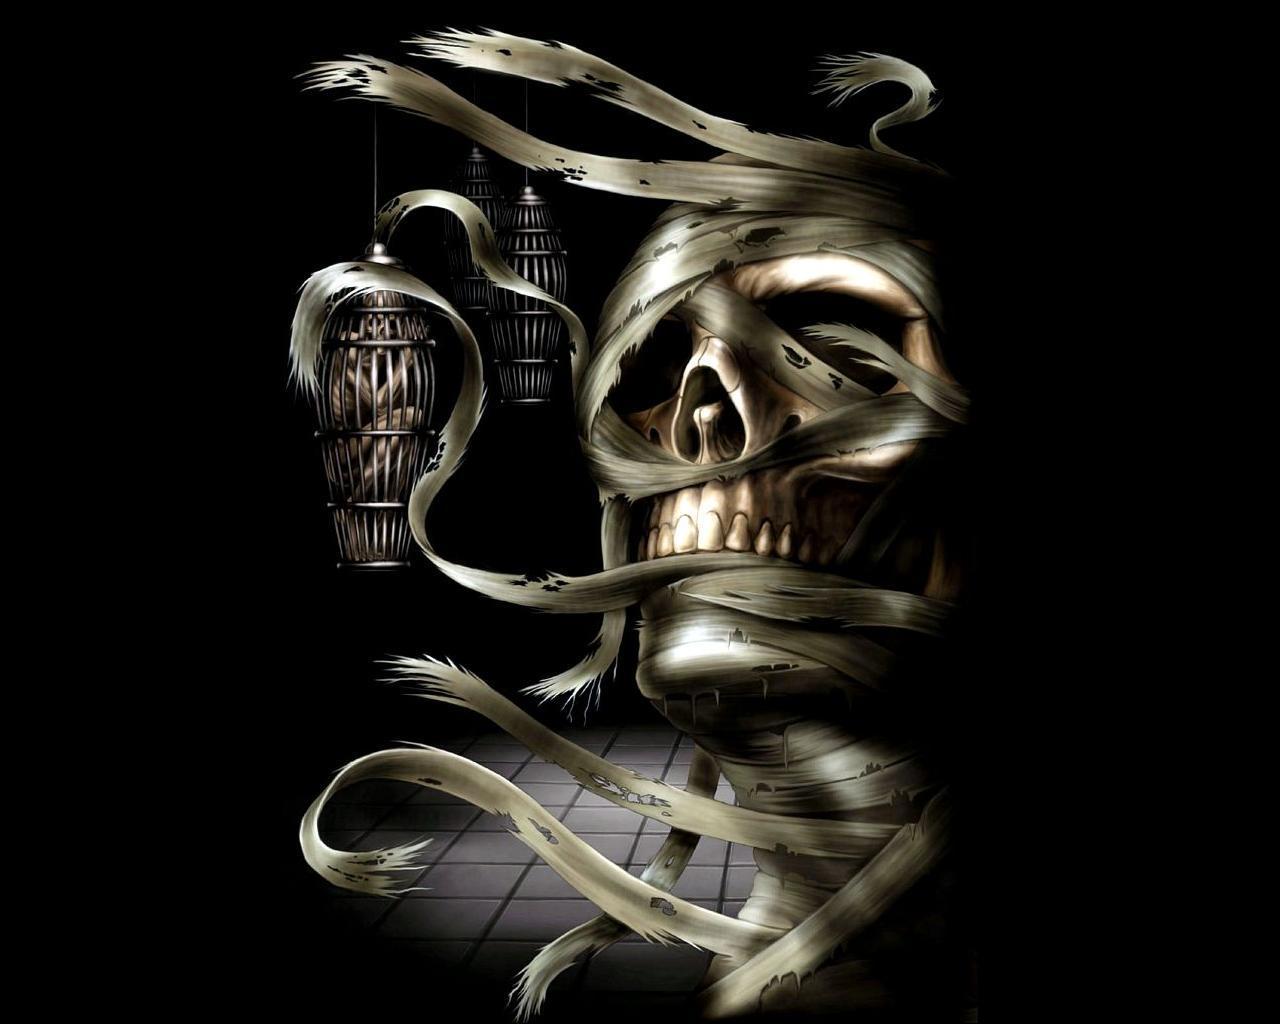 Gangsta Skull Wallpapers - Top Free Gangsta Skull ...